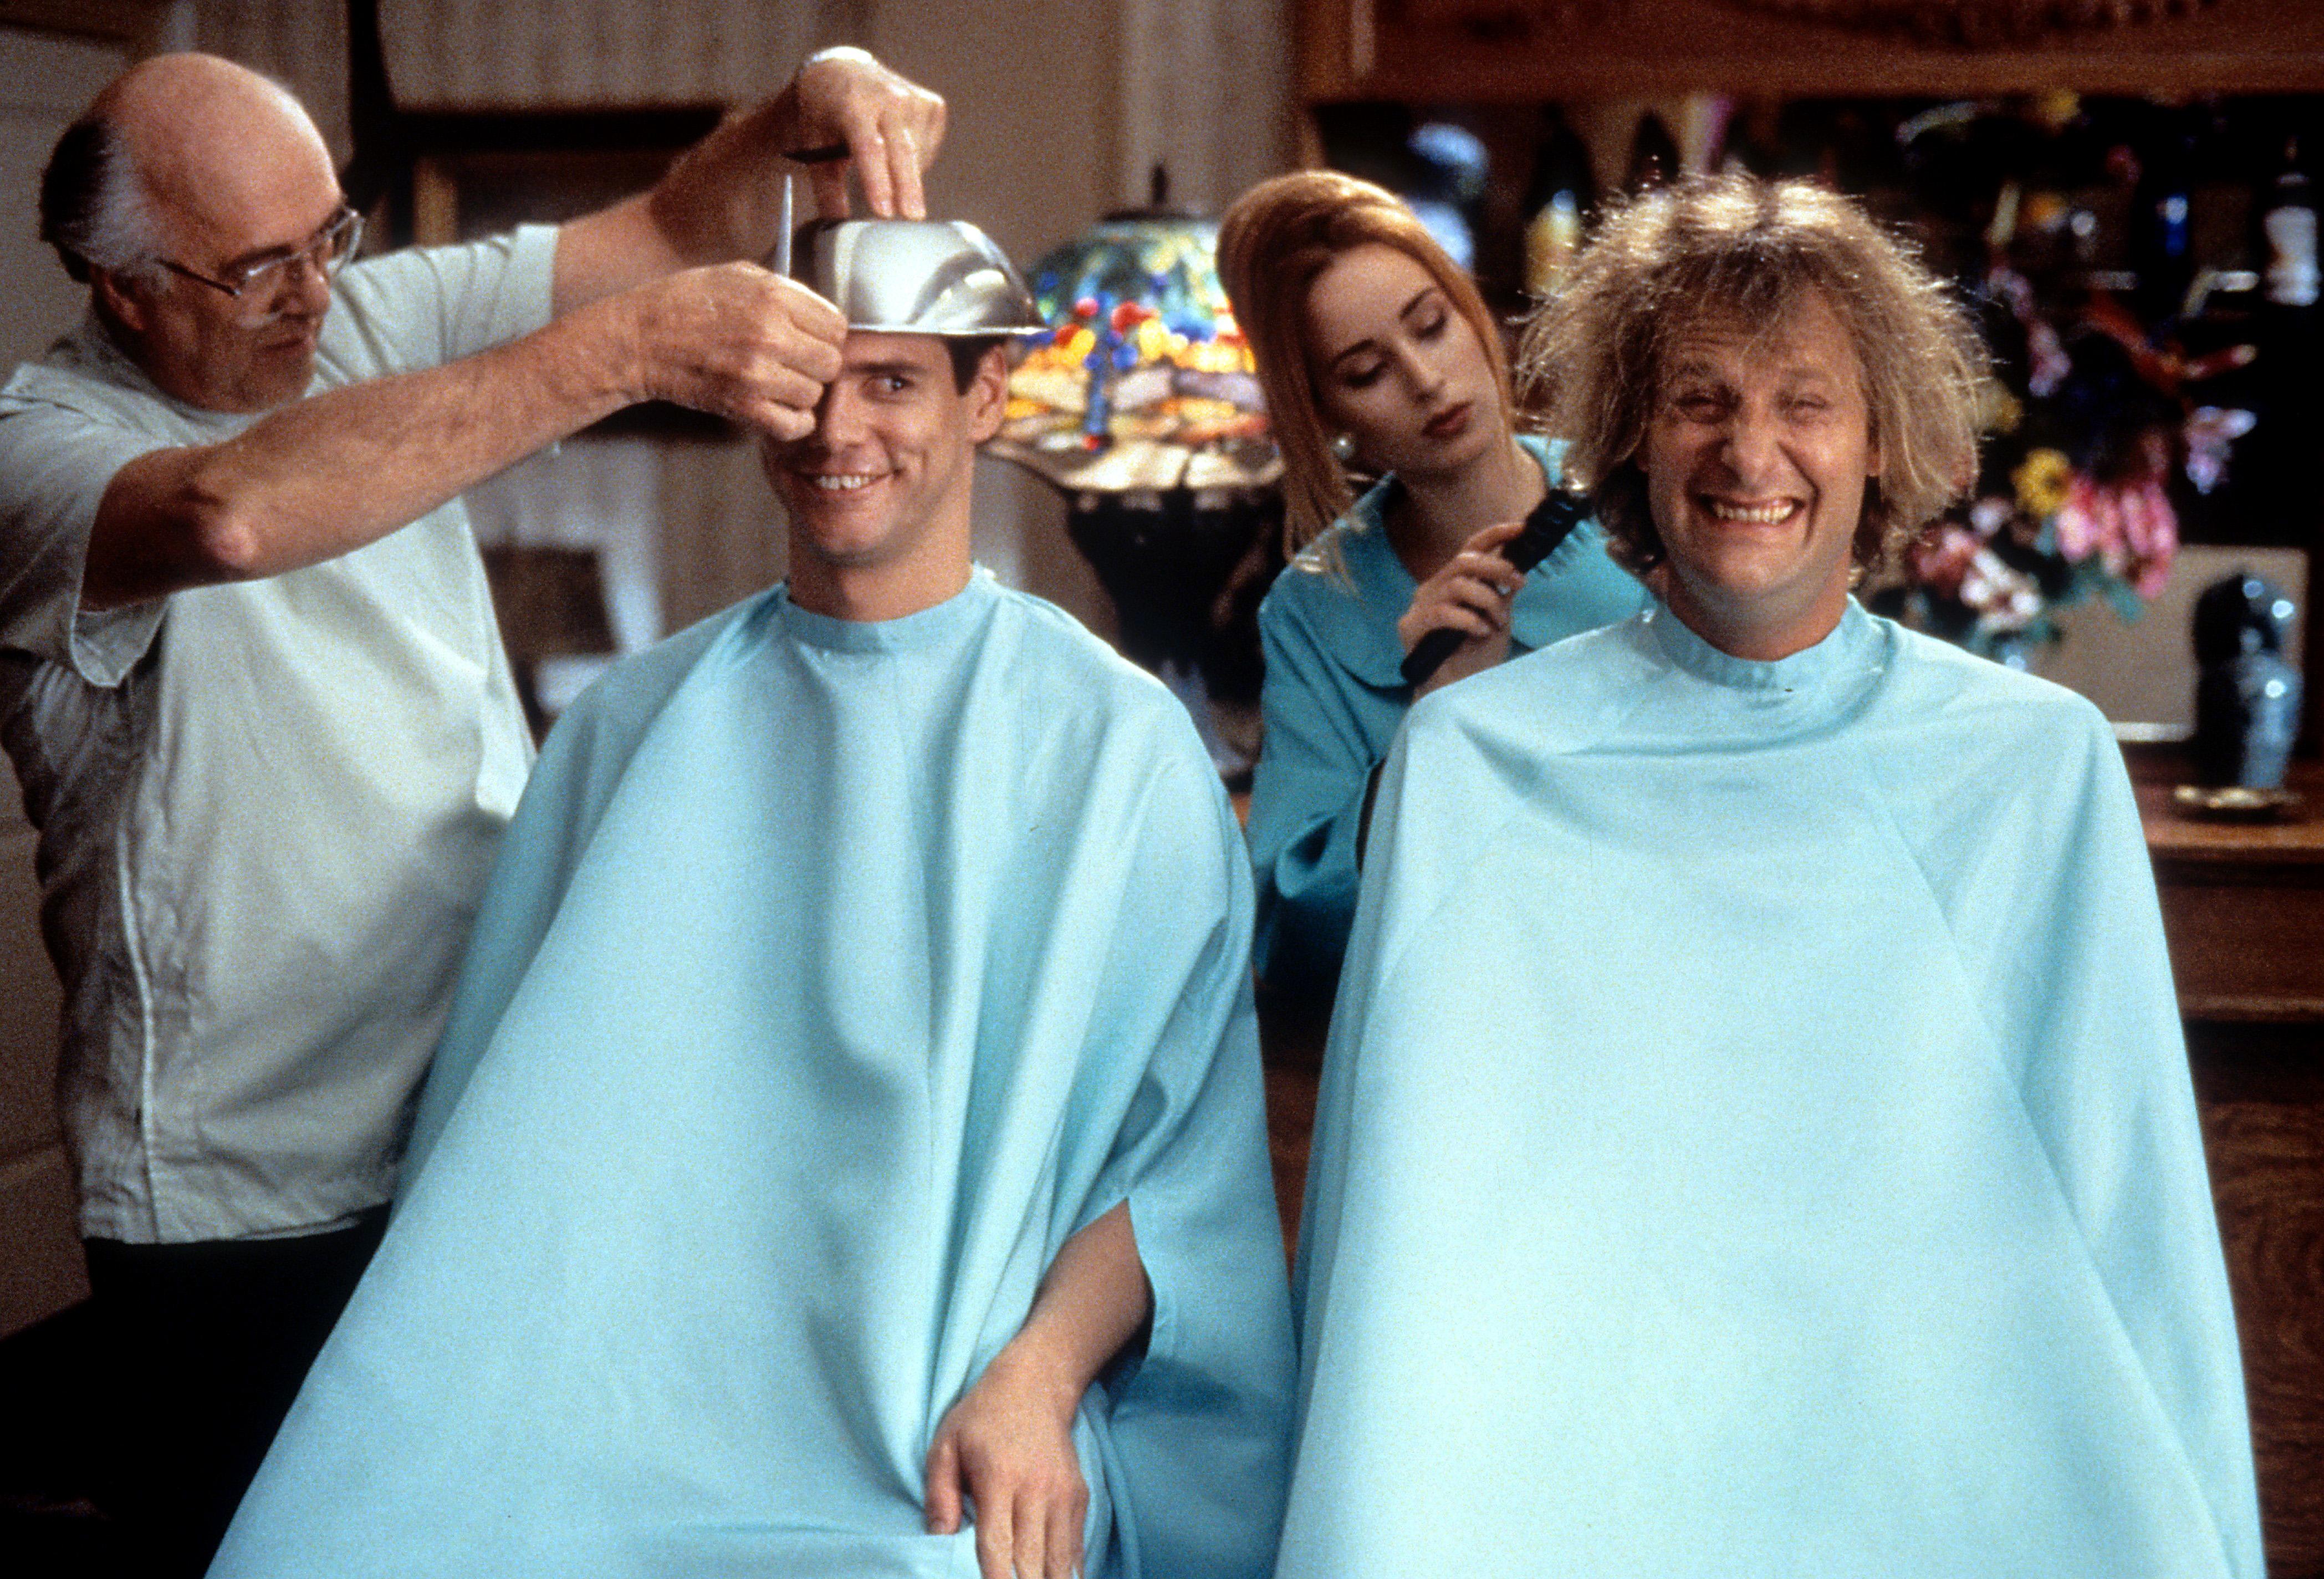 Jim Carrey and Jeff Daniels getting their hair cut in 'Dumb & Dumber', 1994.